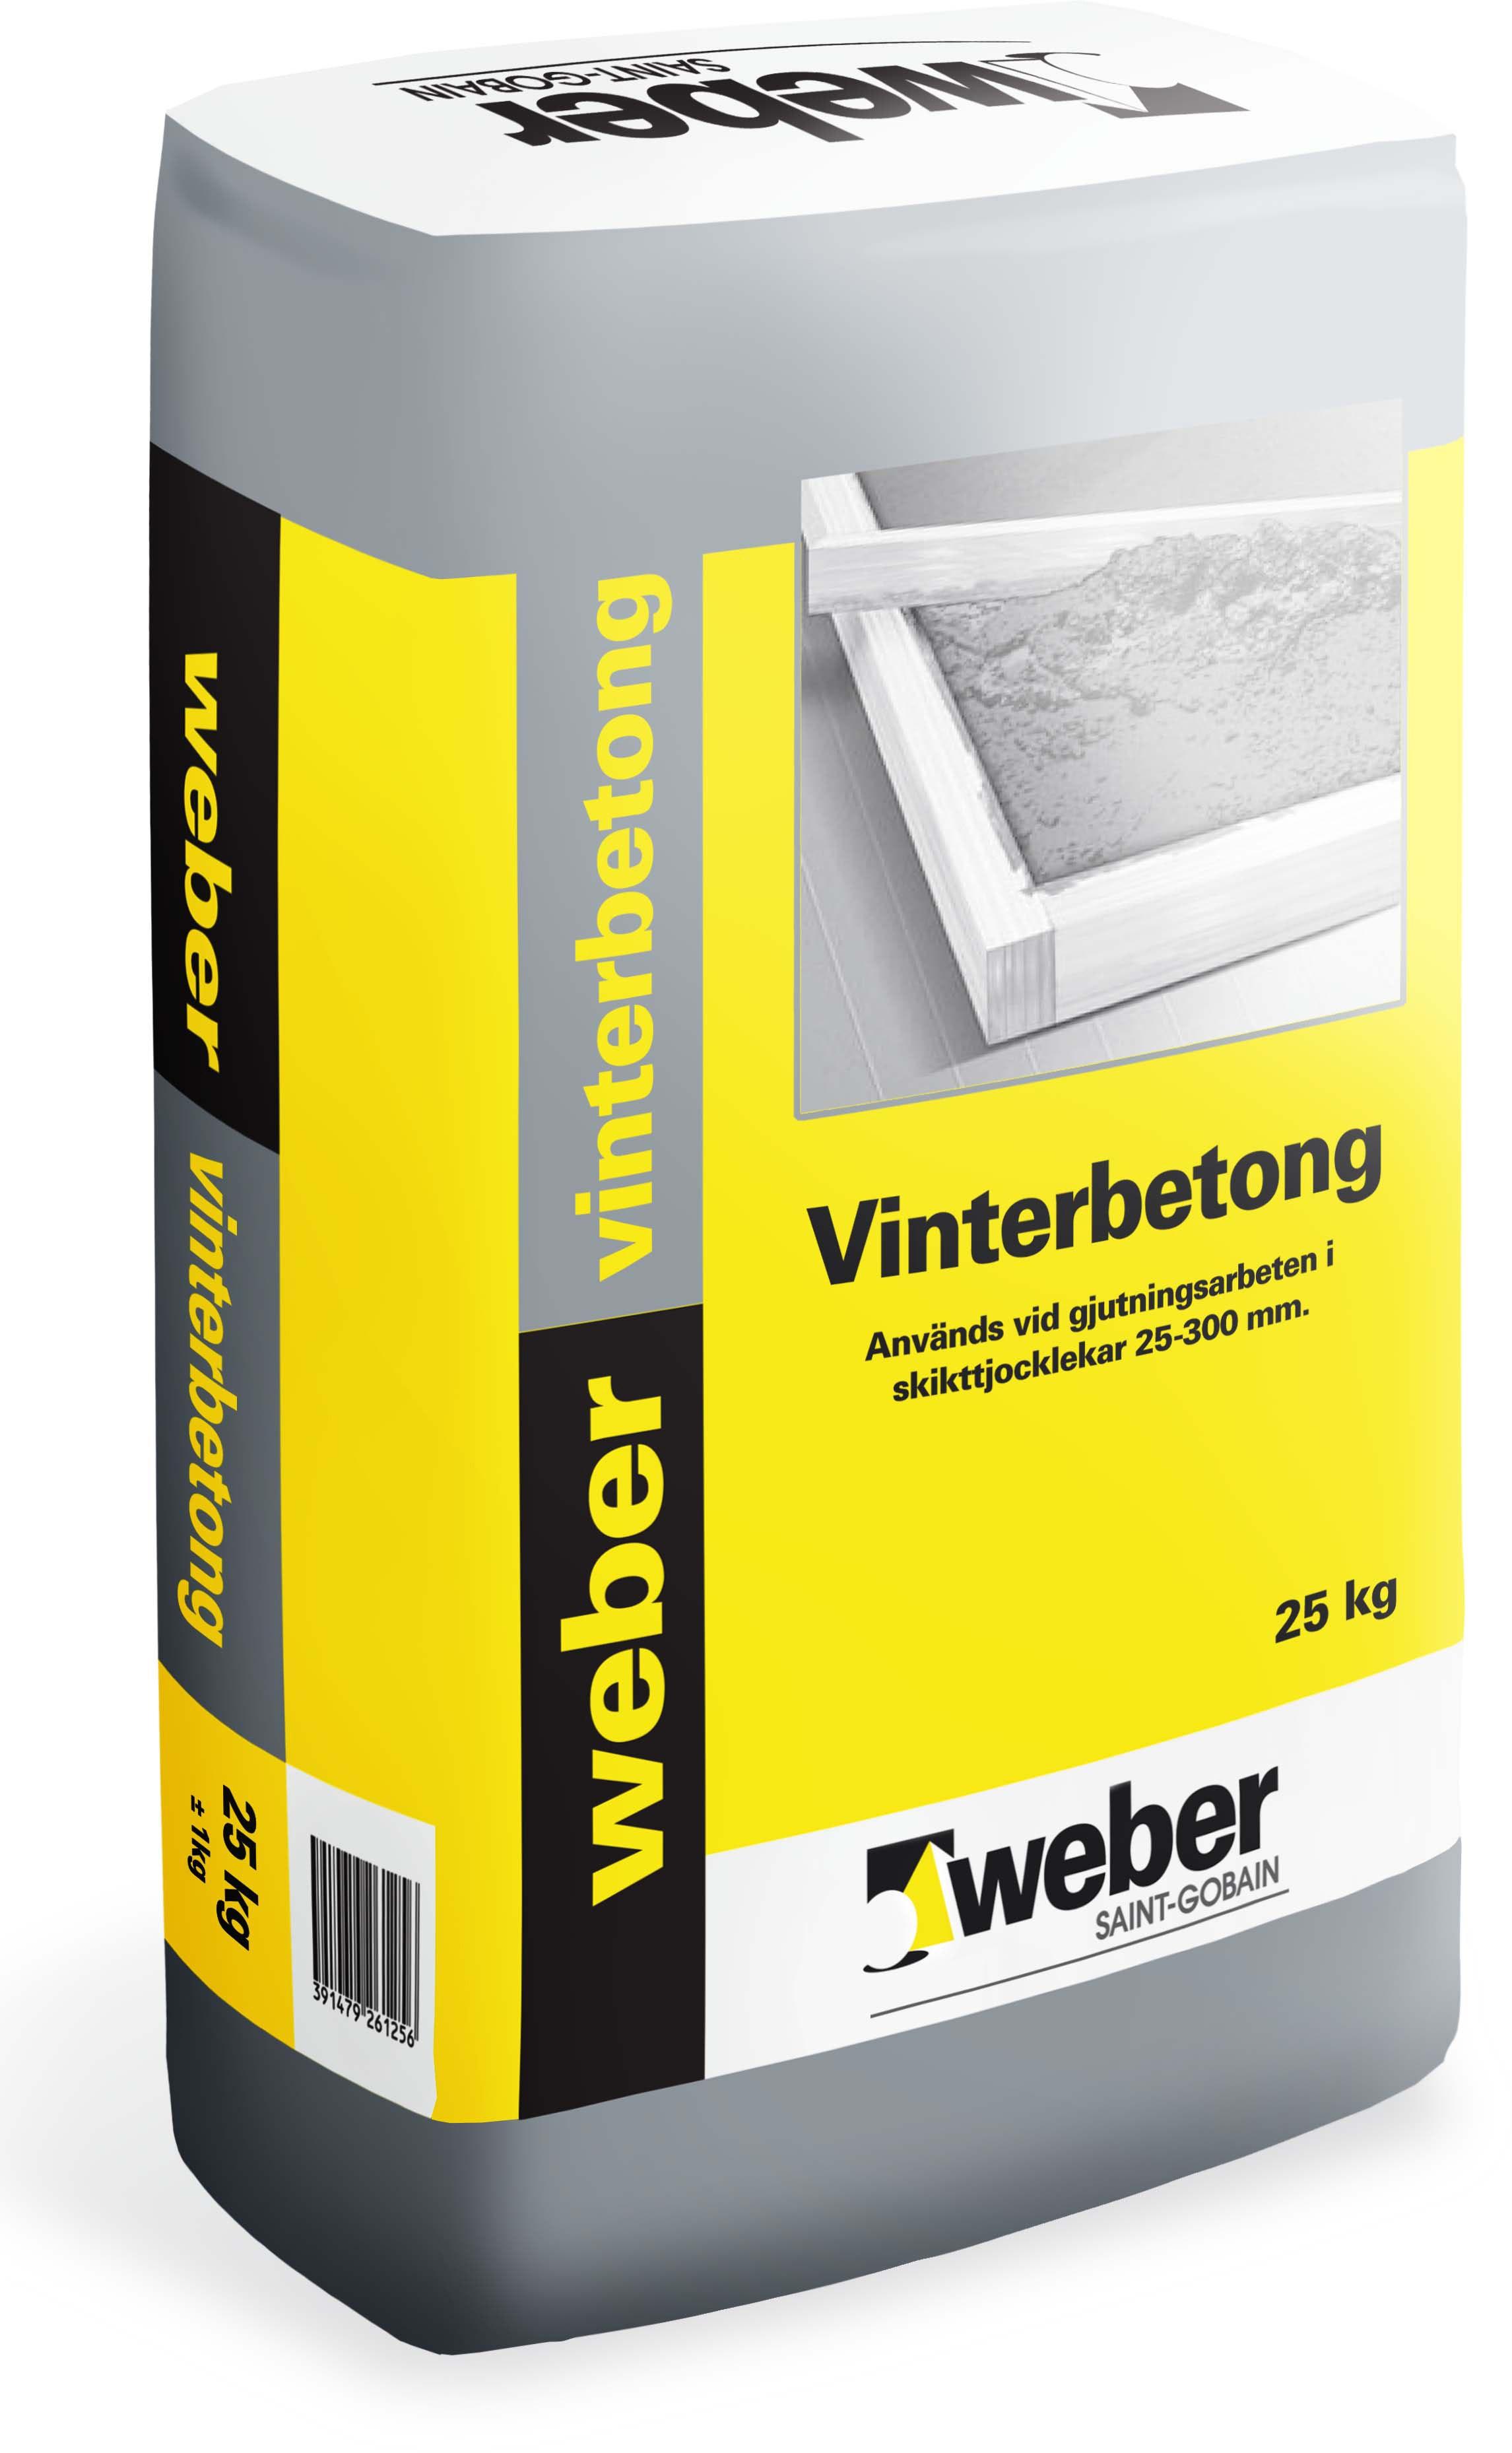 Vinterbetong Weber Saint-Gobain 25Kg